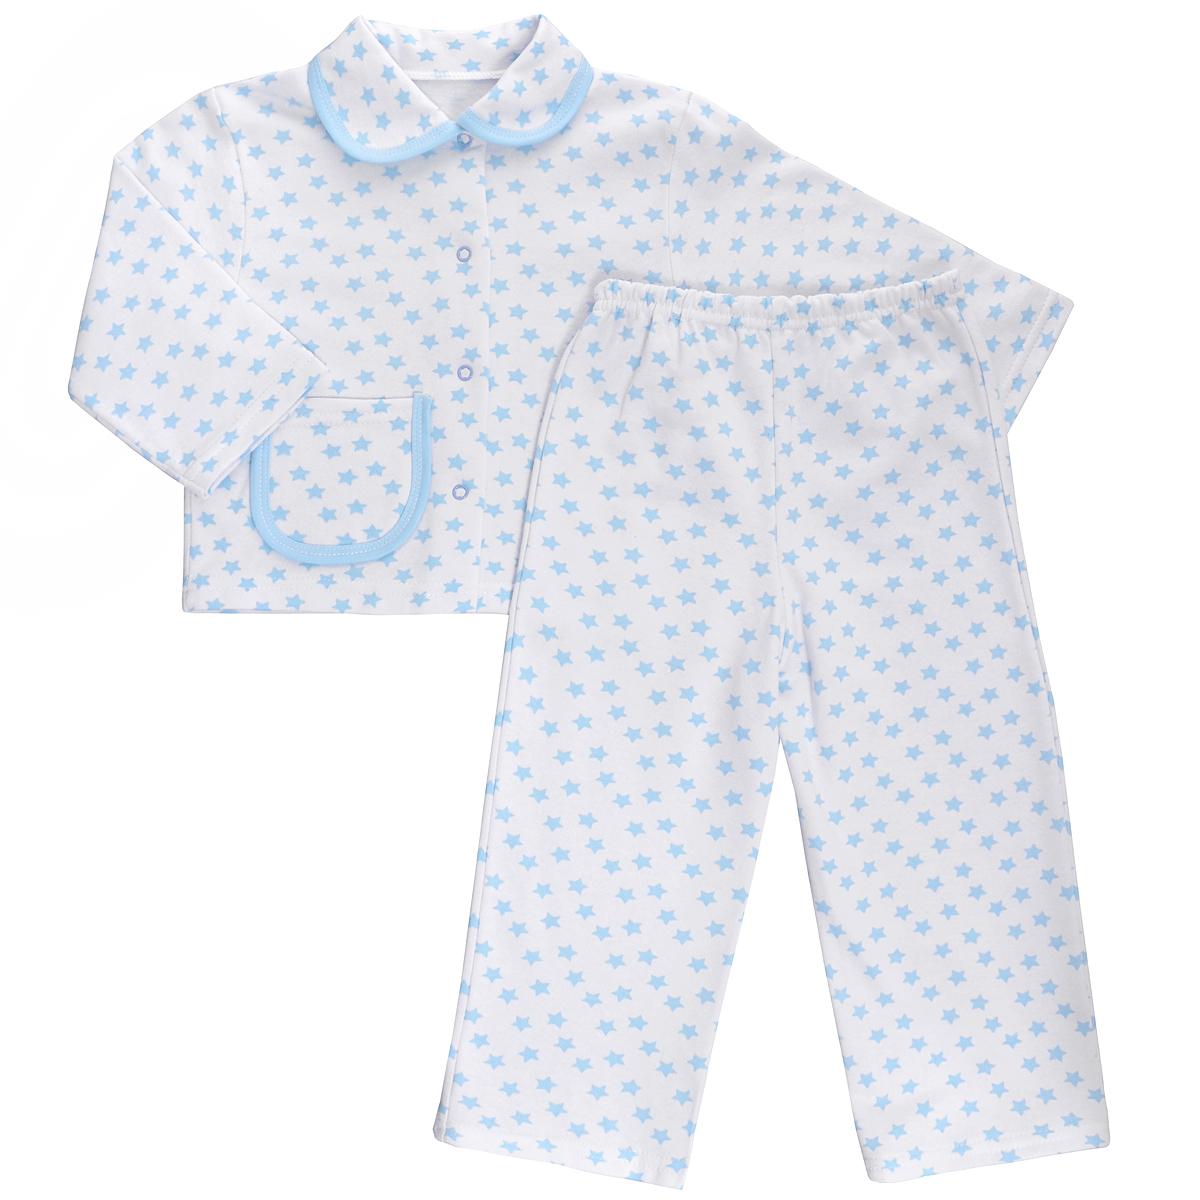 Пижама детская Трон-плюс, цвет: белый, голубой, рисунок звезды. 5552. Размер 98/104, 3-5 лет5552Яркая детская пижама Трон-плюс, состоящая из кофточки и штанишек, идеально подойдет вашему малышу и станет отличным дополнением к детскому гардеробу. Теплая пижама, изготовленная из набивного футера - натурального хлопка, необычайно мягкая и легкая, не сковывает движения ребенка, позволяет коже дышать и не раздражает даже самую нежную и чувствительную кожу малыша. Кофта с длинными рукавами имеет отложной воротничок и застегивается на кнопки, также оформлена небольшим накладным карманчиком. Штанишки на удобной резинке не сдавливают животик ребенка и не сползают.В такой пижаме ваш ребенок будет чувствовать себя комфортно и уютно во время сна.